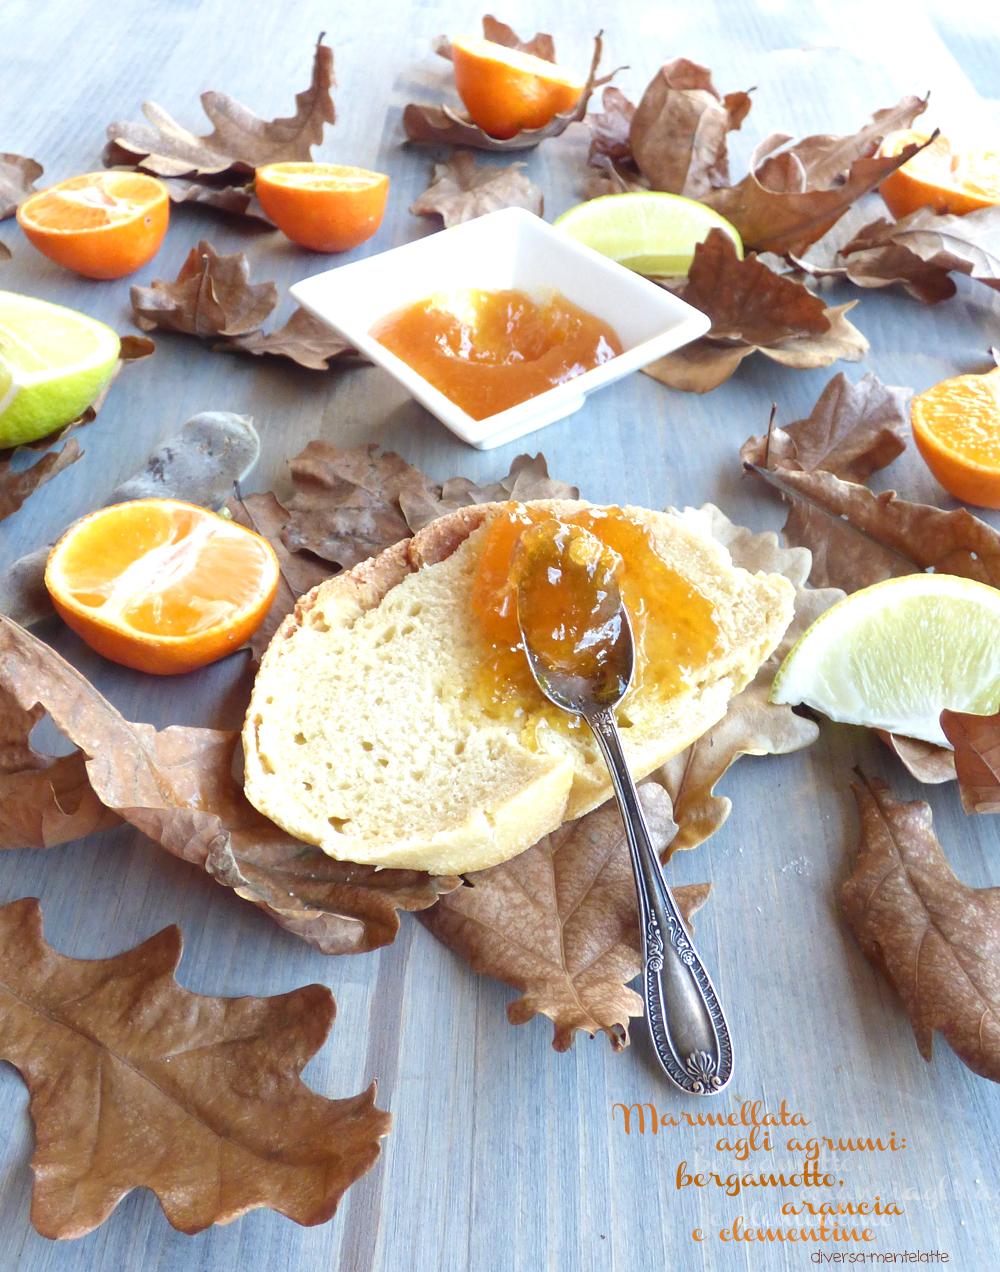 marmellata con bergamotto arancia clementine